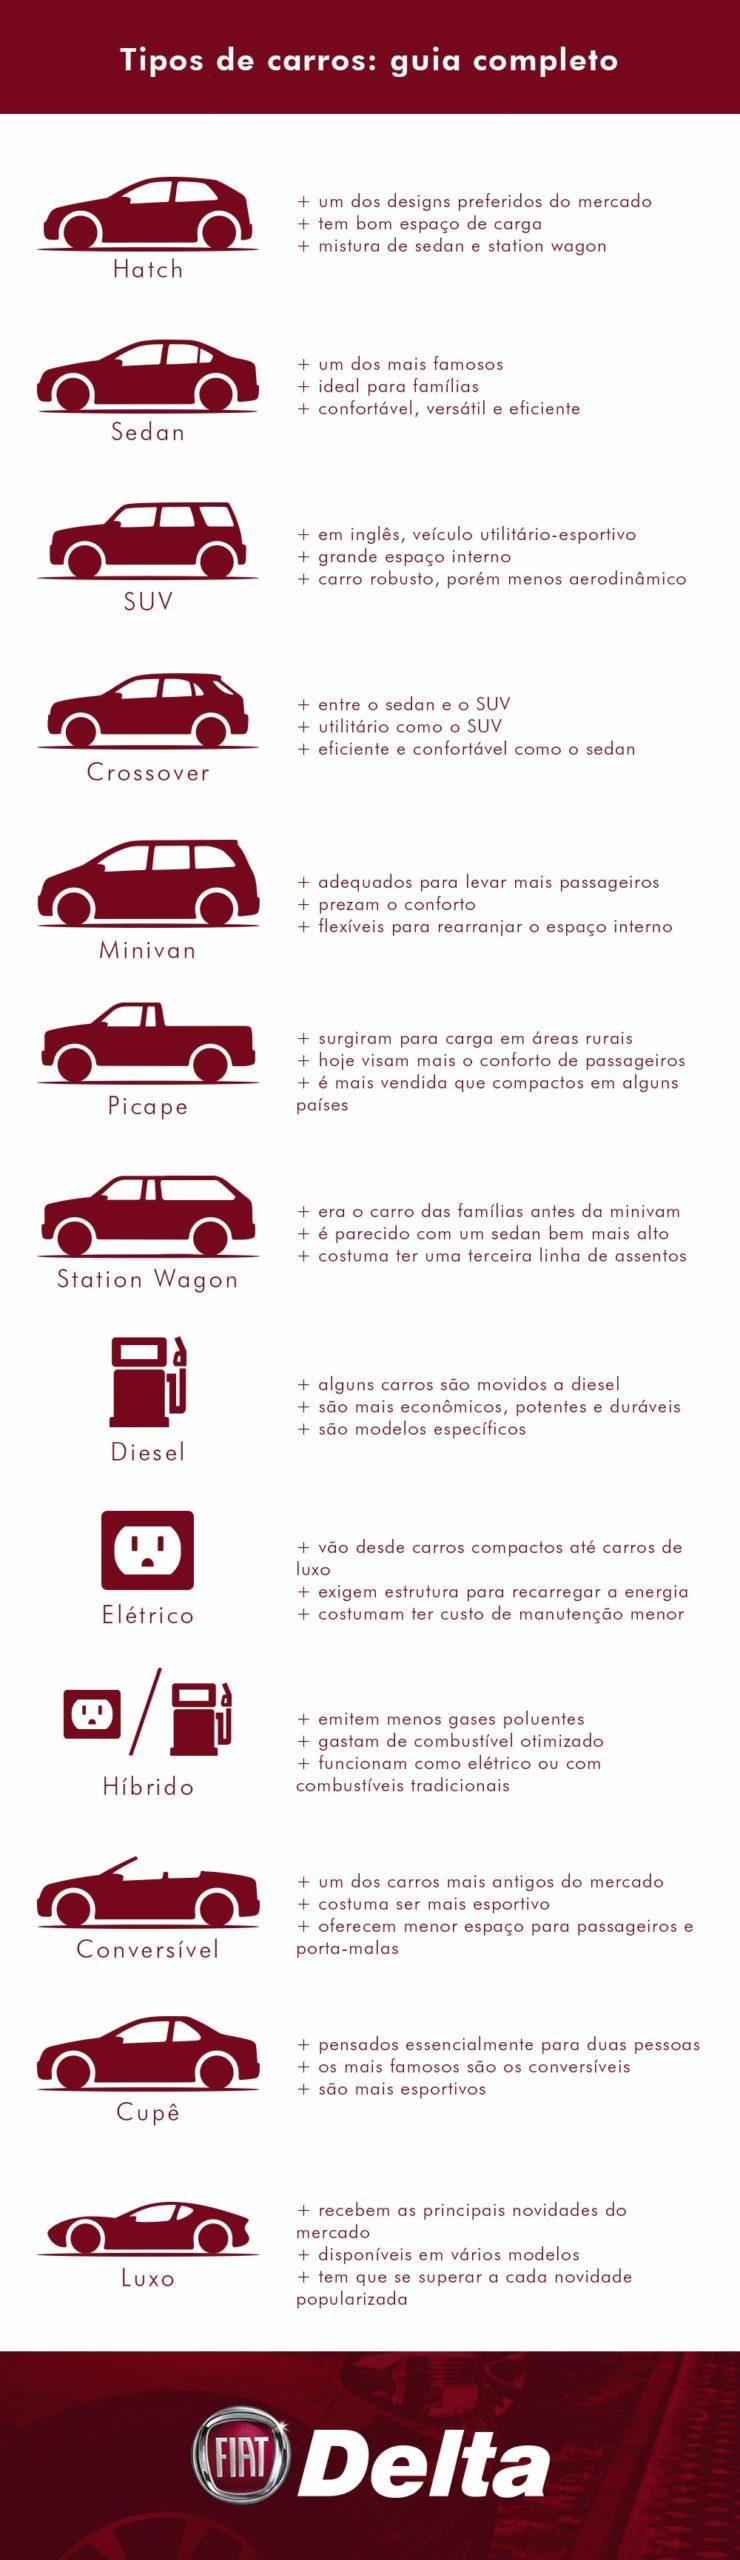 Infográfico completo dos tipos de carros